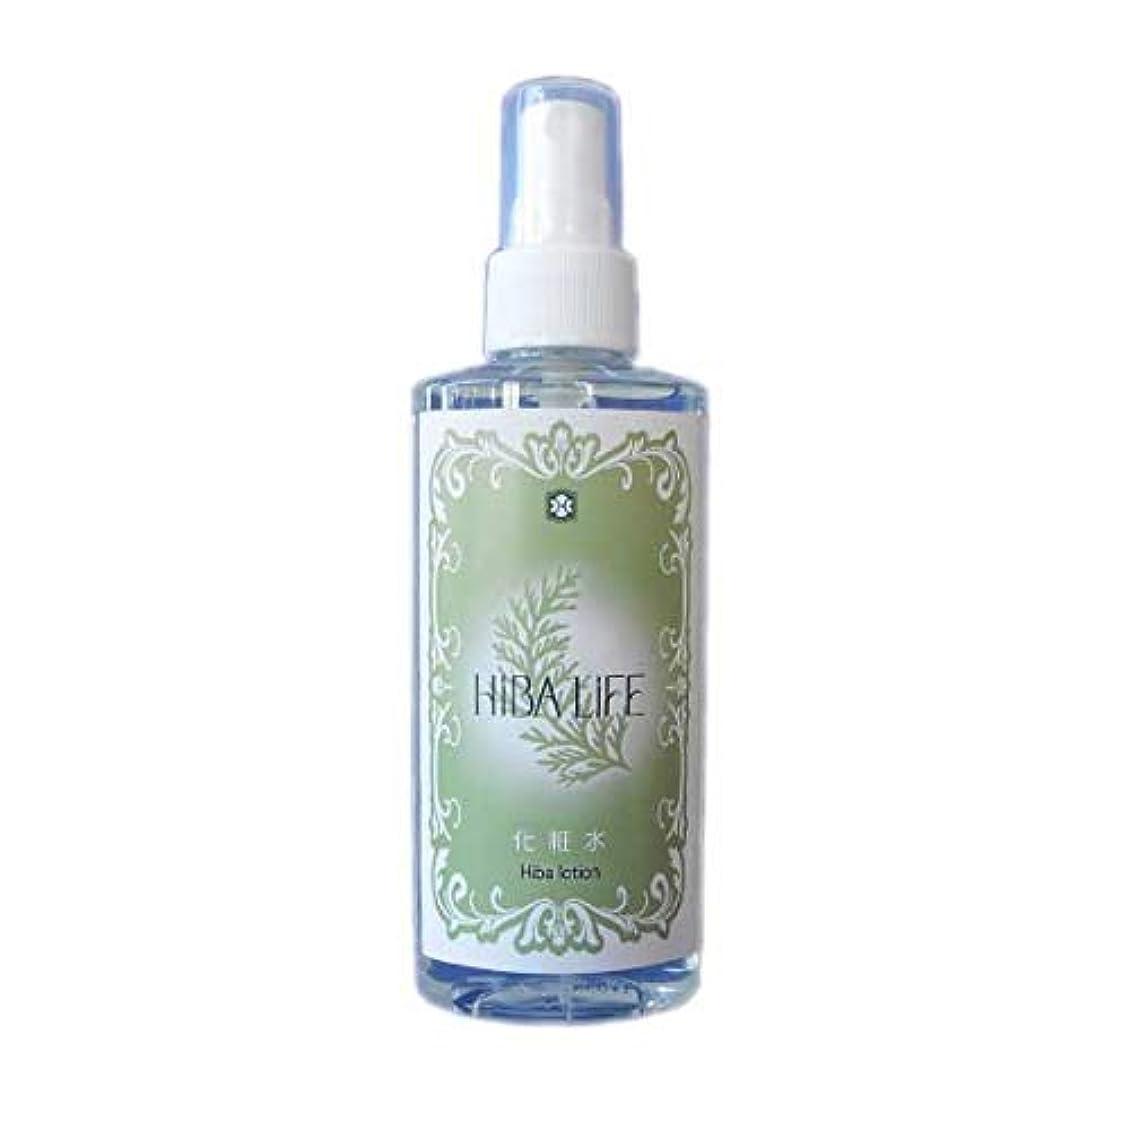 ひばの森化粧水